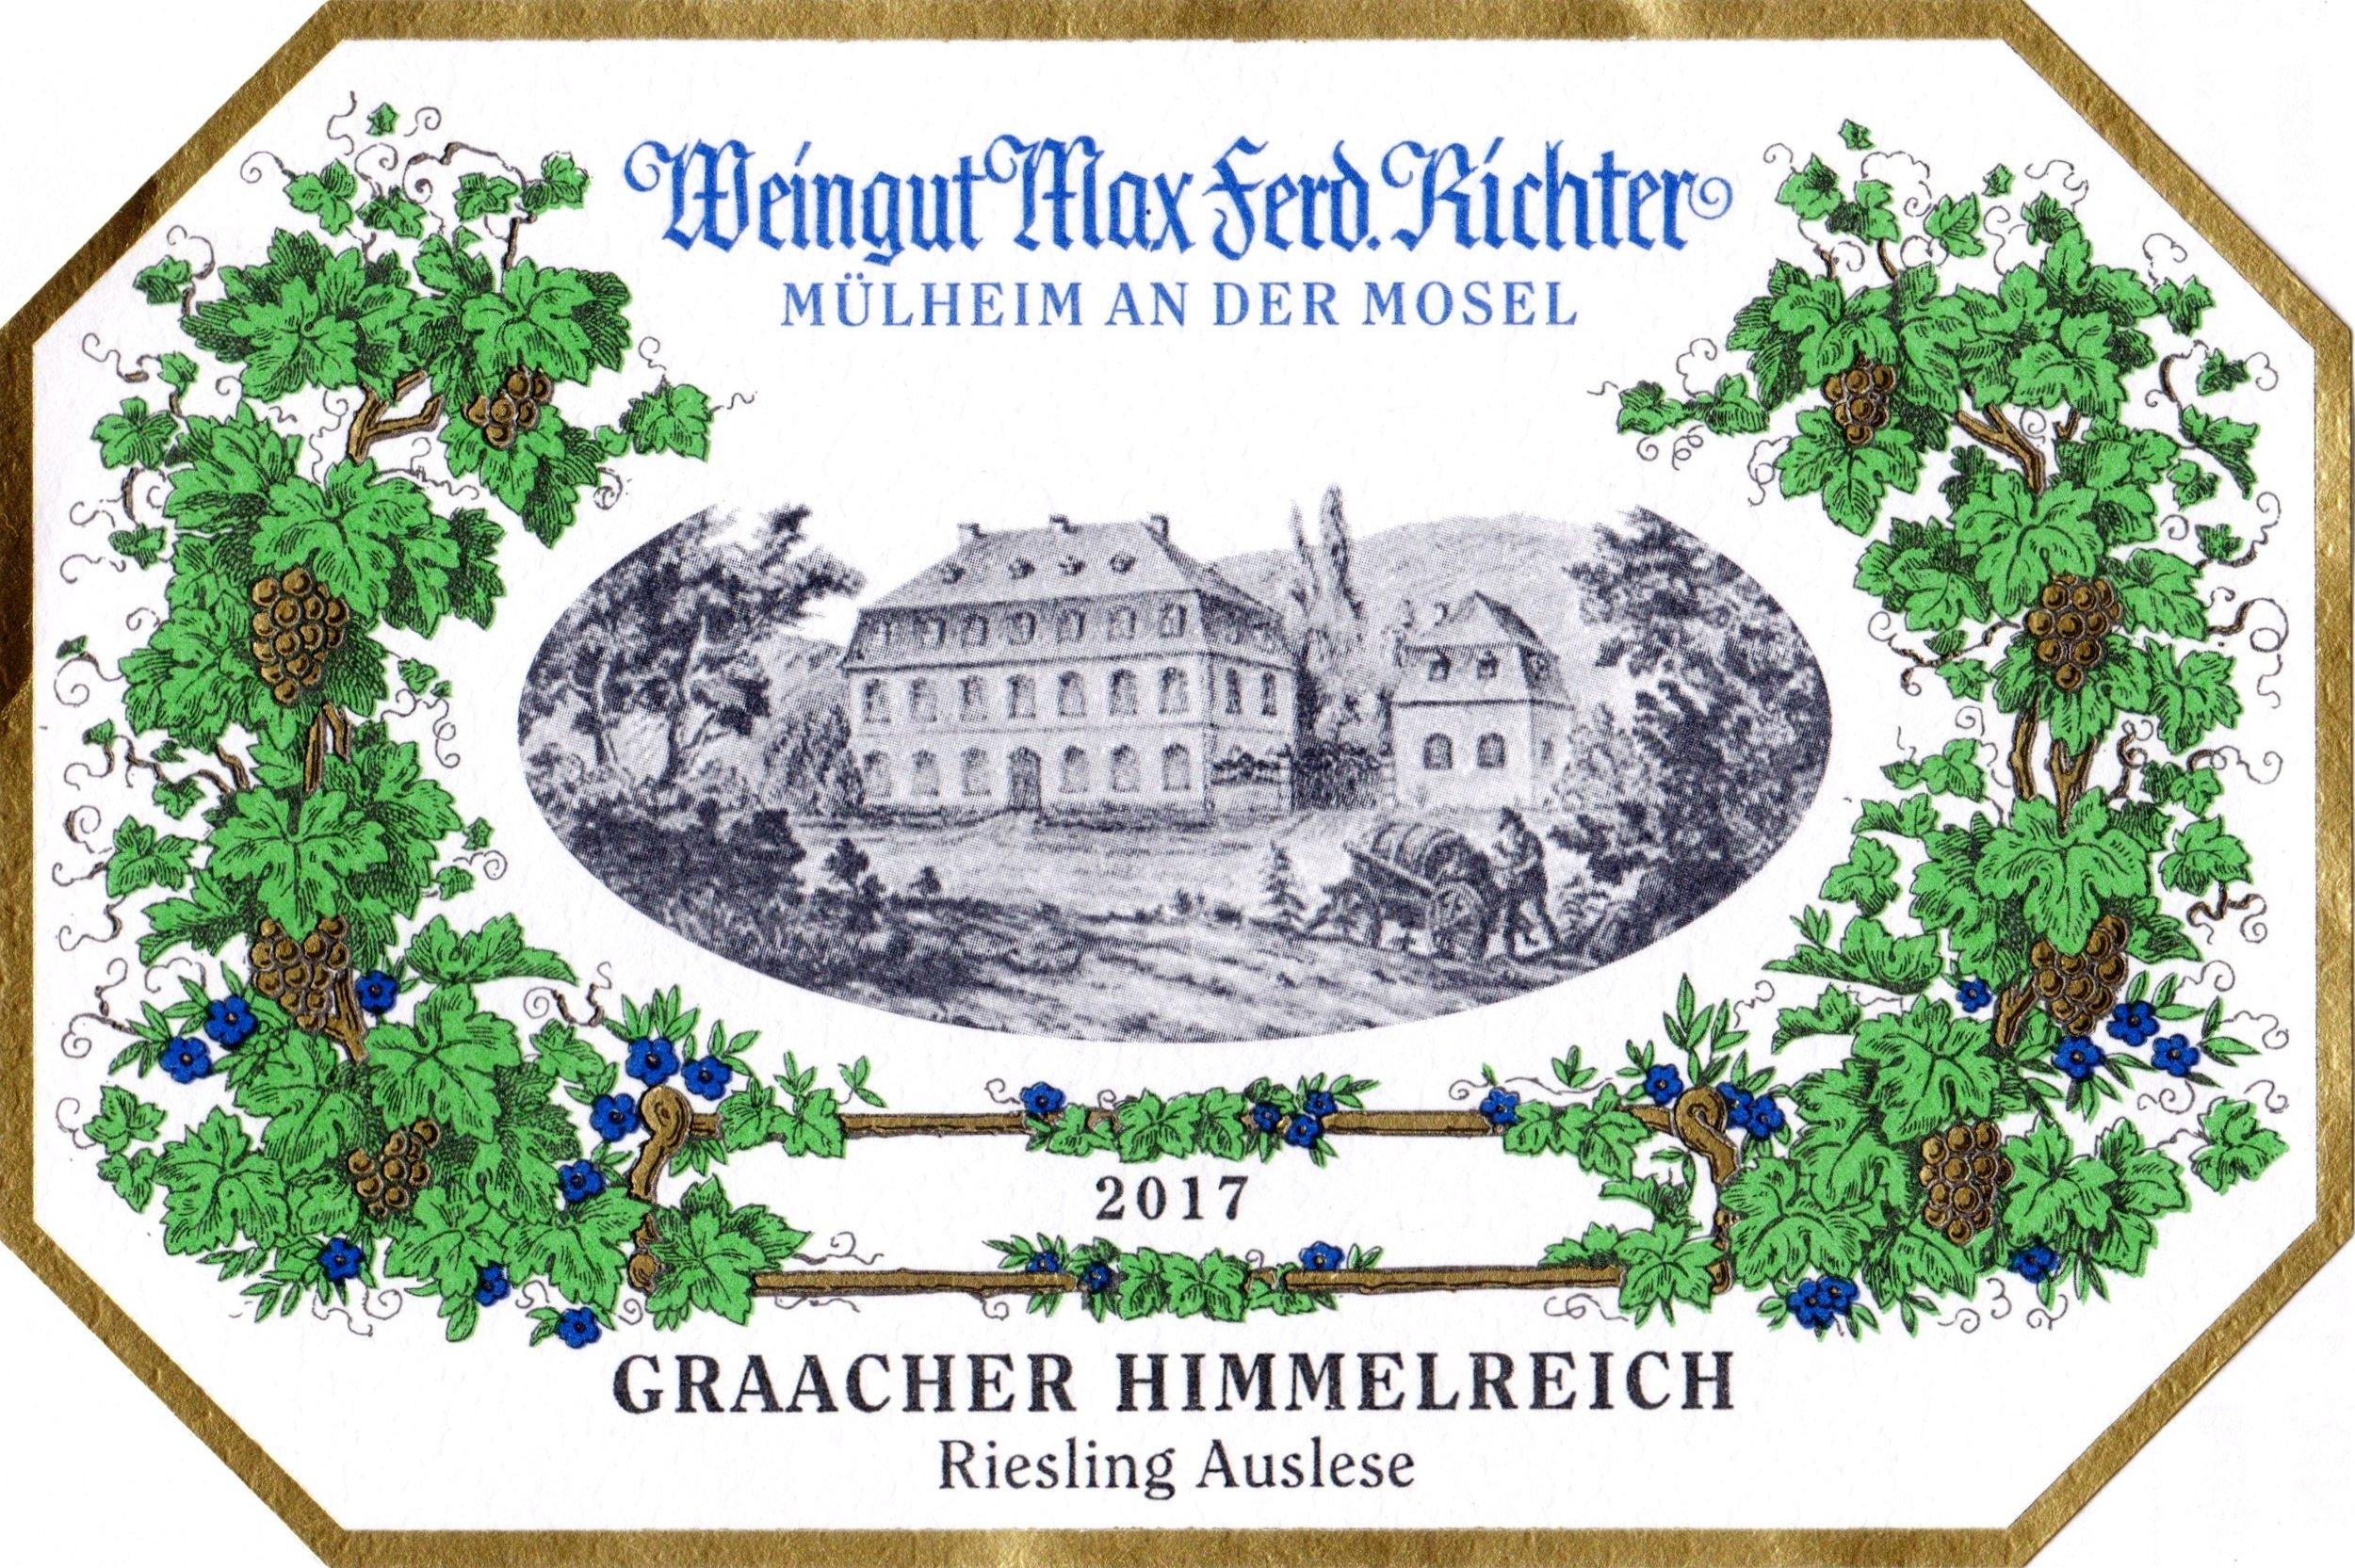 2017 Graacher Himmelreich Auslese.jpg